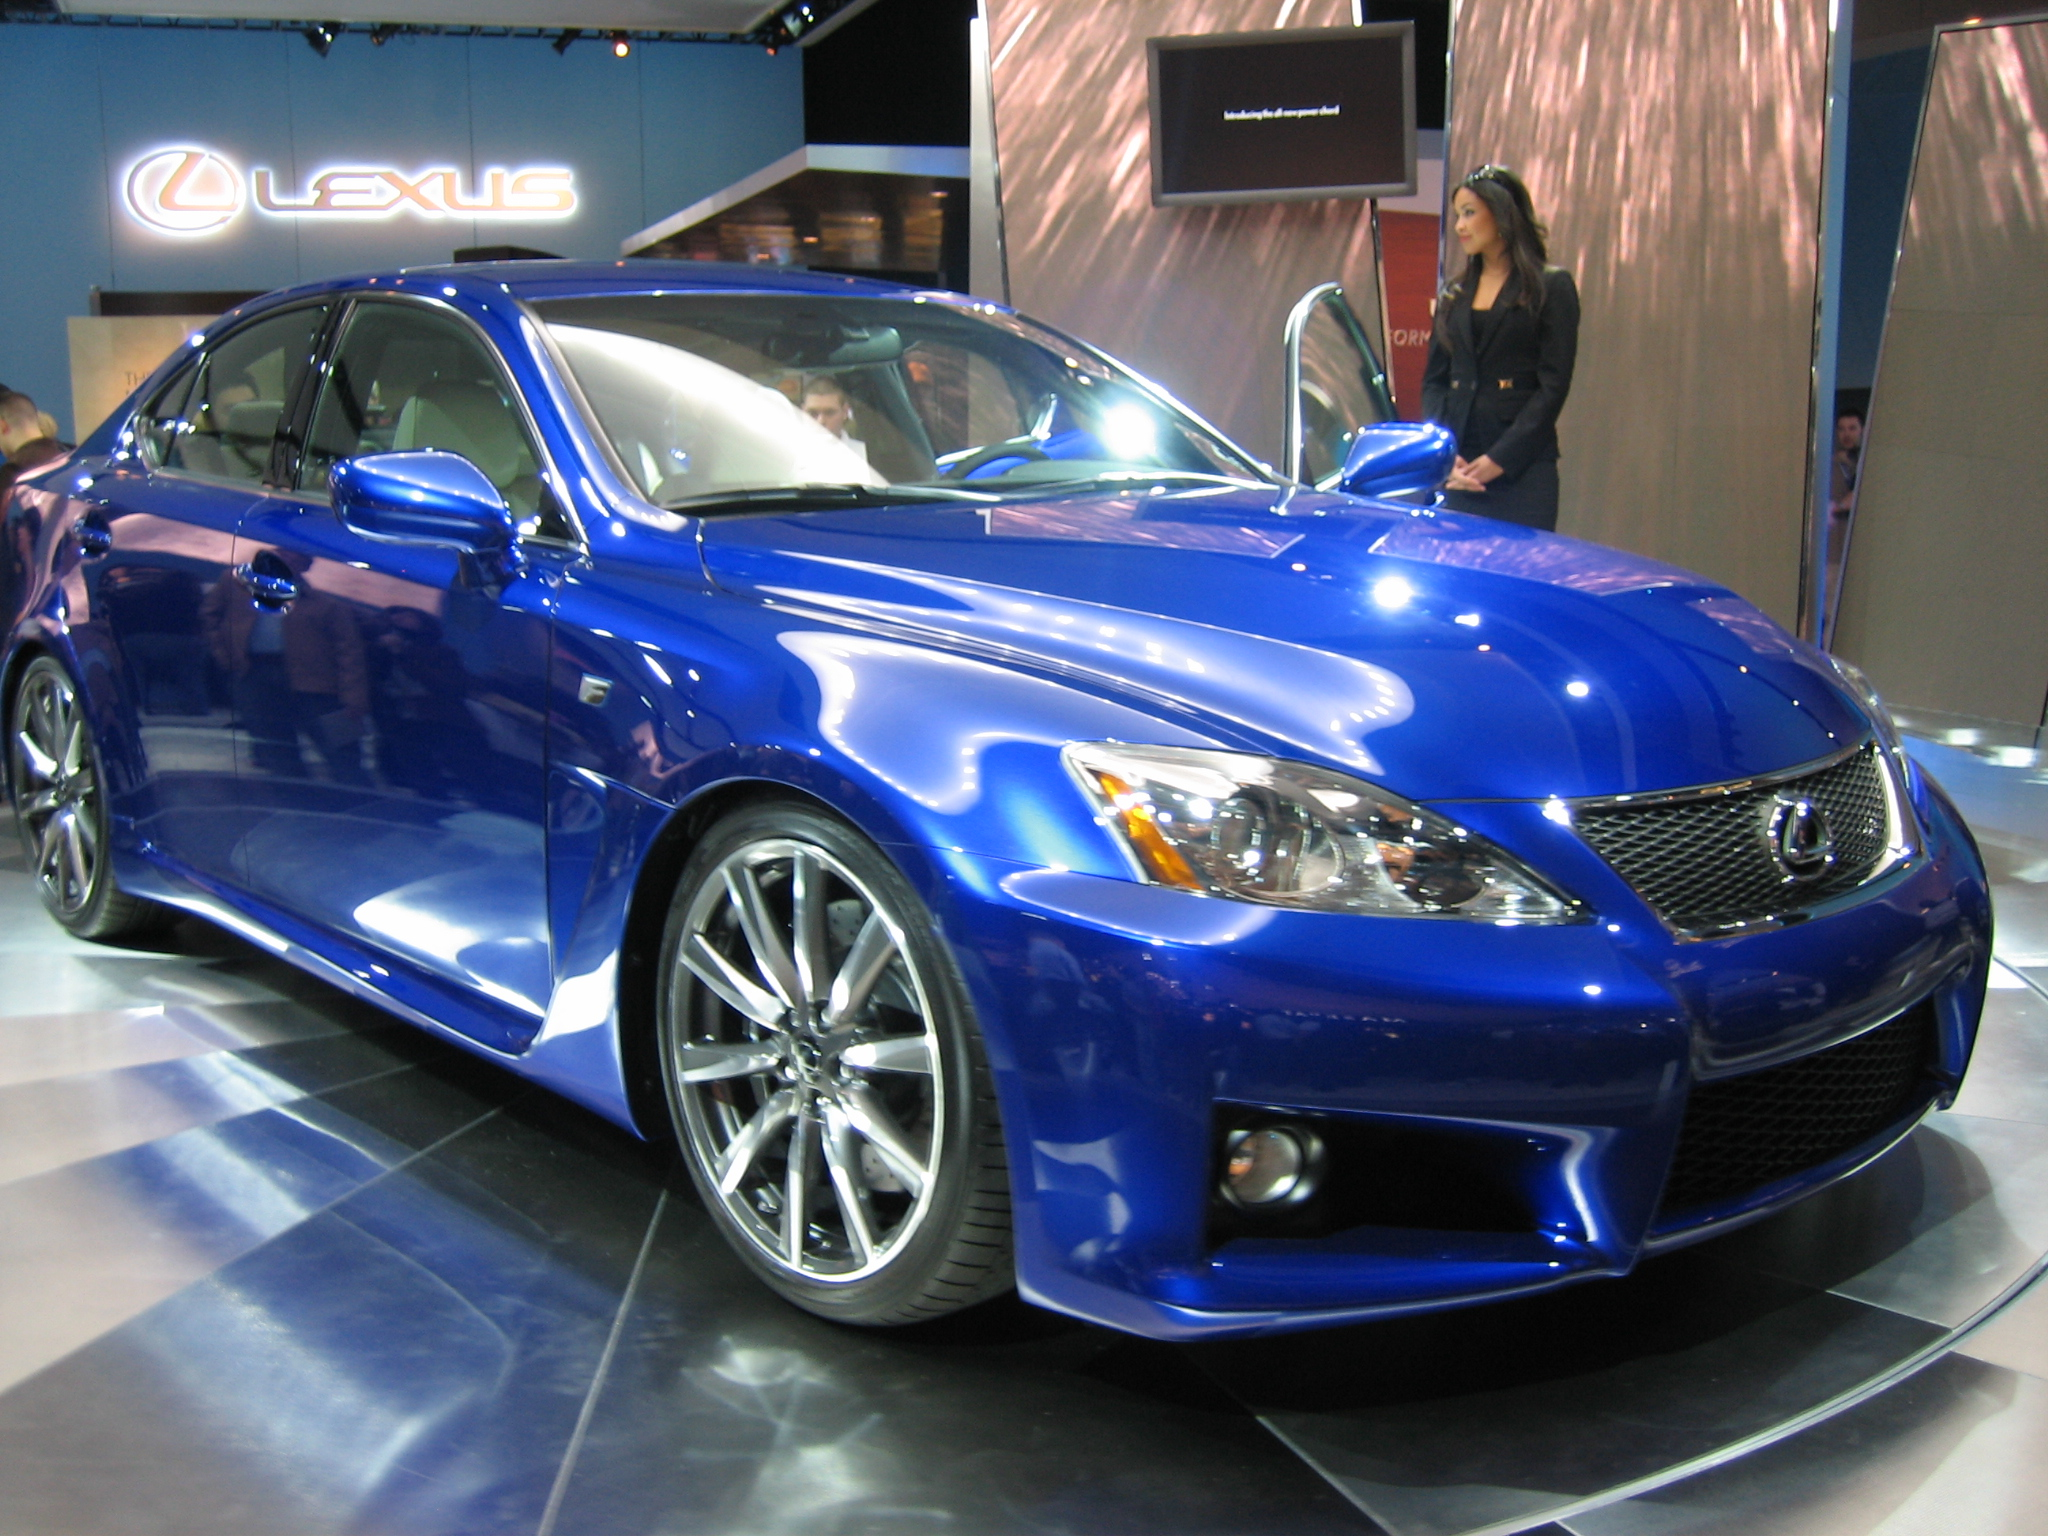 Archivo Lexus IS F Ultrasonic Blue Metallic